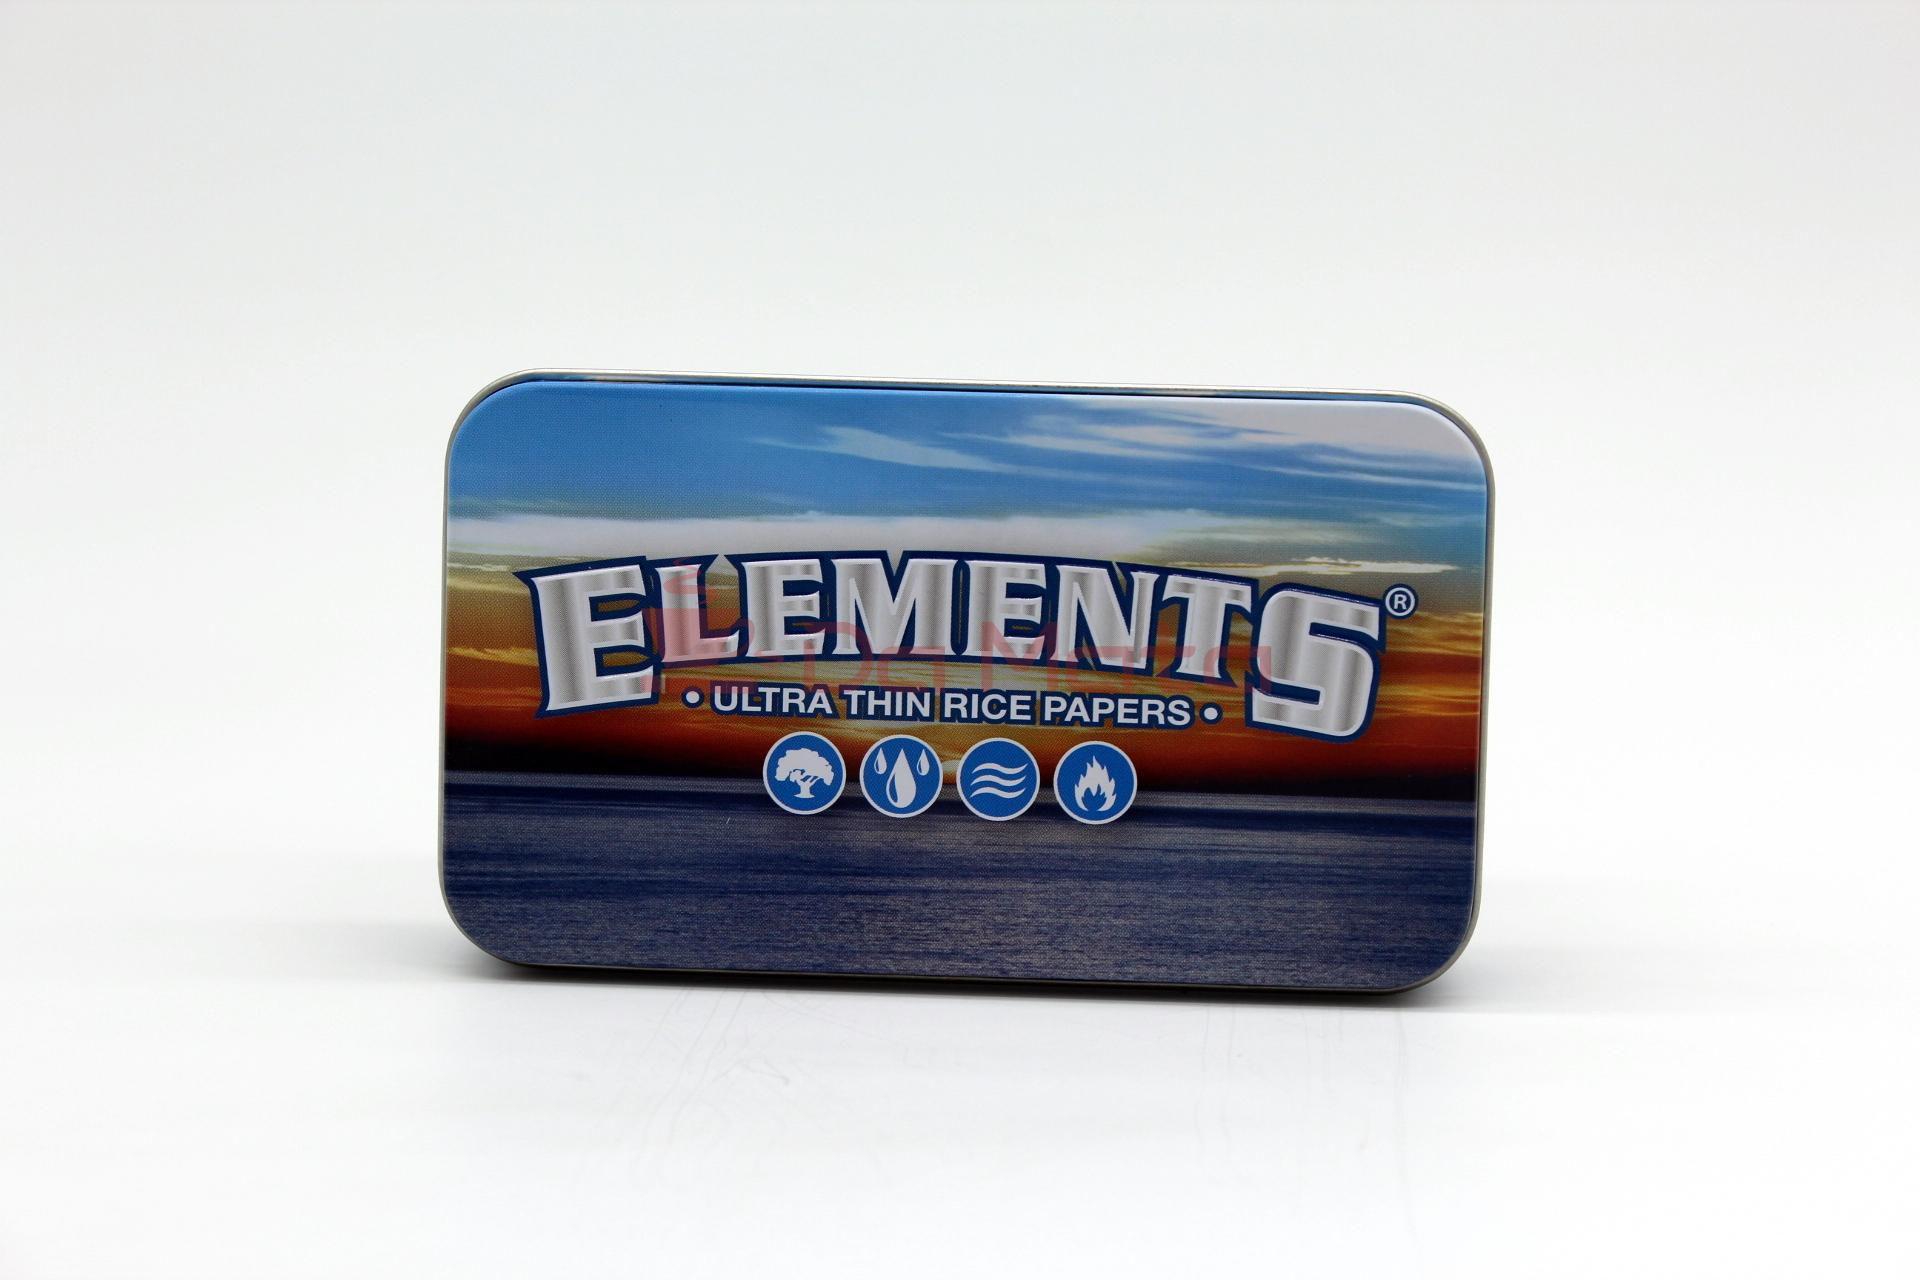 Caixa de Metal Elements